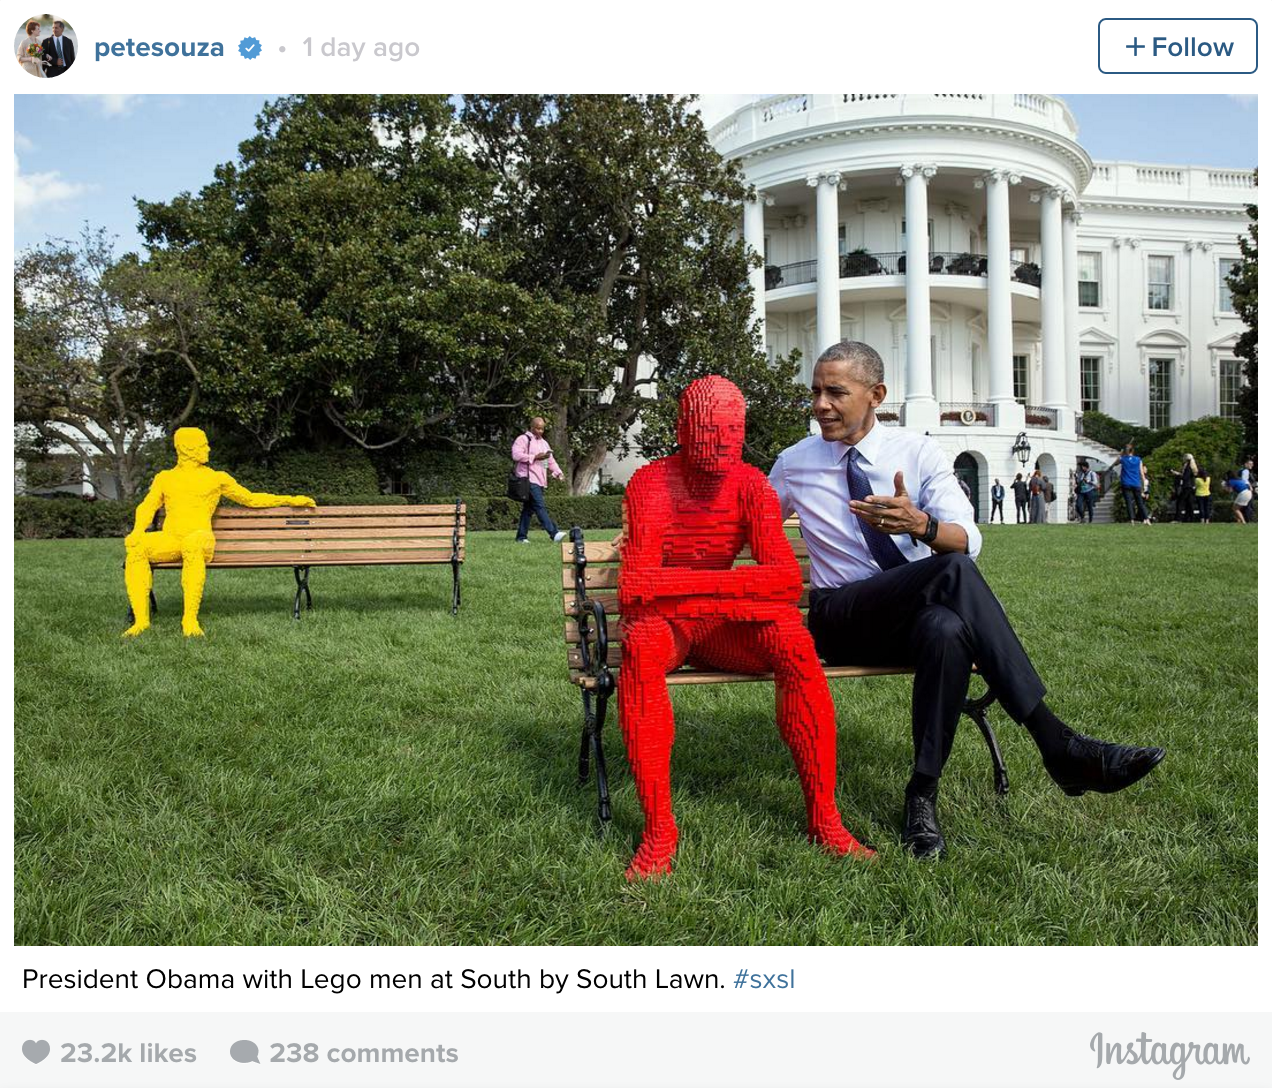 president-obama-lego-sxsl.png